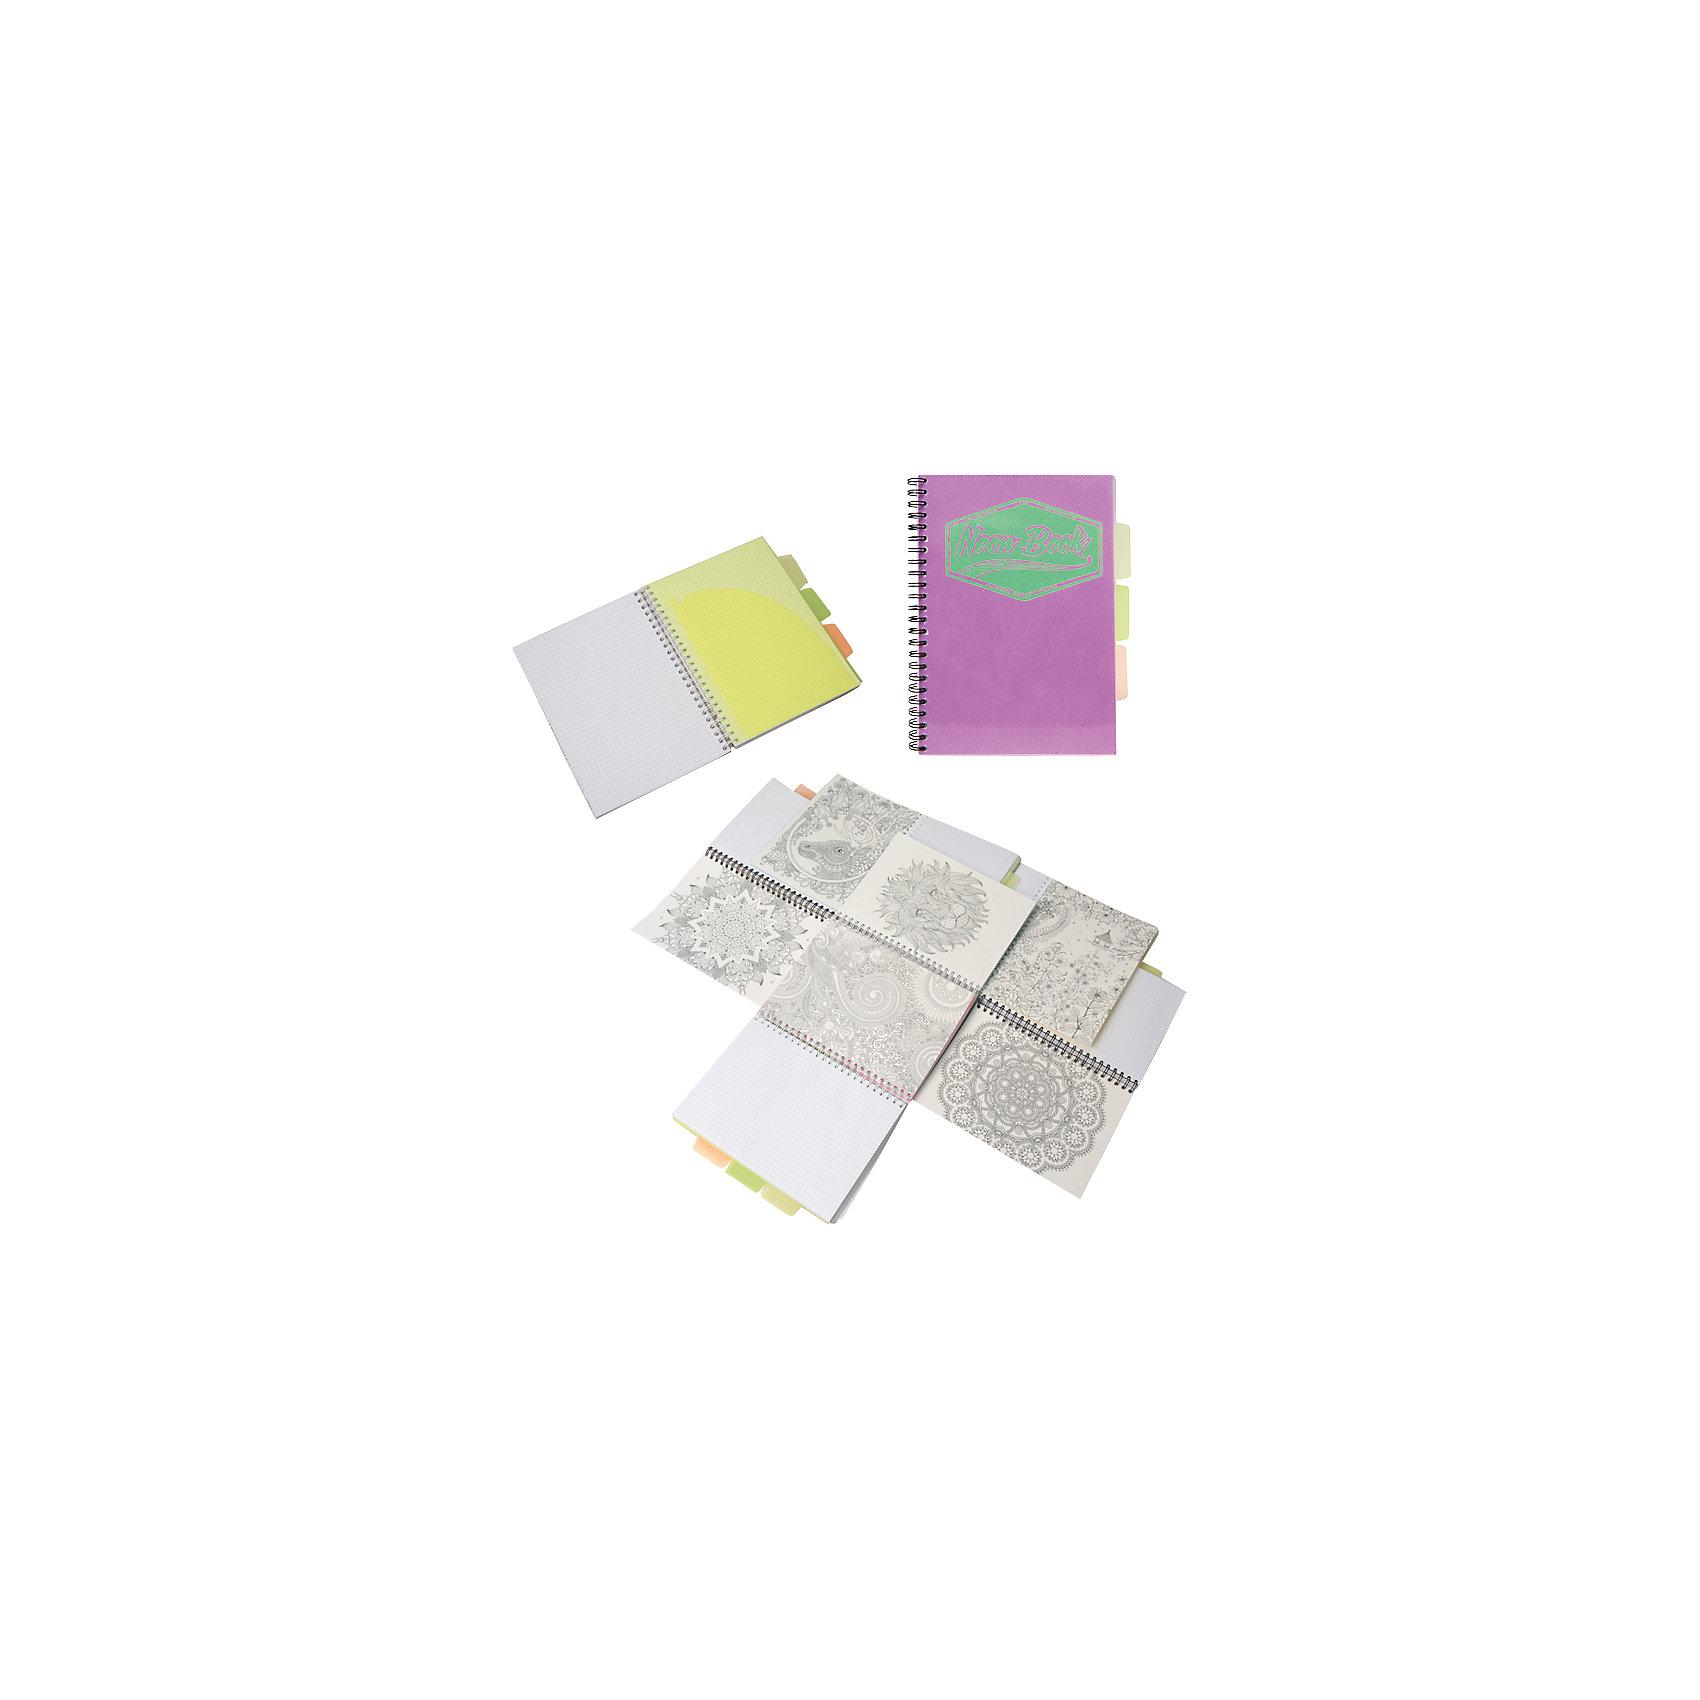 Фиолетовая тетрадь А5 Neon book 120 листовФиолетовая тетрадь А5 Neon book 120 листов<br><br>Характеристики:<br><br>• Количество листов: 120<br>• Формат: А5<br>• Цвет: фиолетовый<br>• Вес: 287г<br>• Размер: 203х15х168мм<br>• Тип: в клеточку, три разделителя<br><br>Большая общая тетрадь с тремя цветными разделителями идеально подойдет для дополнительных занятий или школьных уроков, где необходимо несколько тетрадей. Пластиковая обложка надежно защищает листы от попадания влаги. Крепление на гребне очень удобное и делает тетрадь компактной.<br><br>Фиолетовую тетрадь А5 Neon book 120 листов можно купить в нашем интернет-магазине.<br><br>Ширина мм: 203<br>Глубина мм: 15<br>Высота мм: 168<br>Вес г: 287<br>Возраст от месяцев: 84<br>Возраст до месяцев: 360<br>Пол: Унисекс<br>Возраст: Детский<br>SKU: 5390353